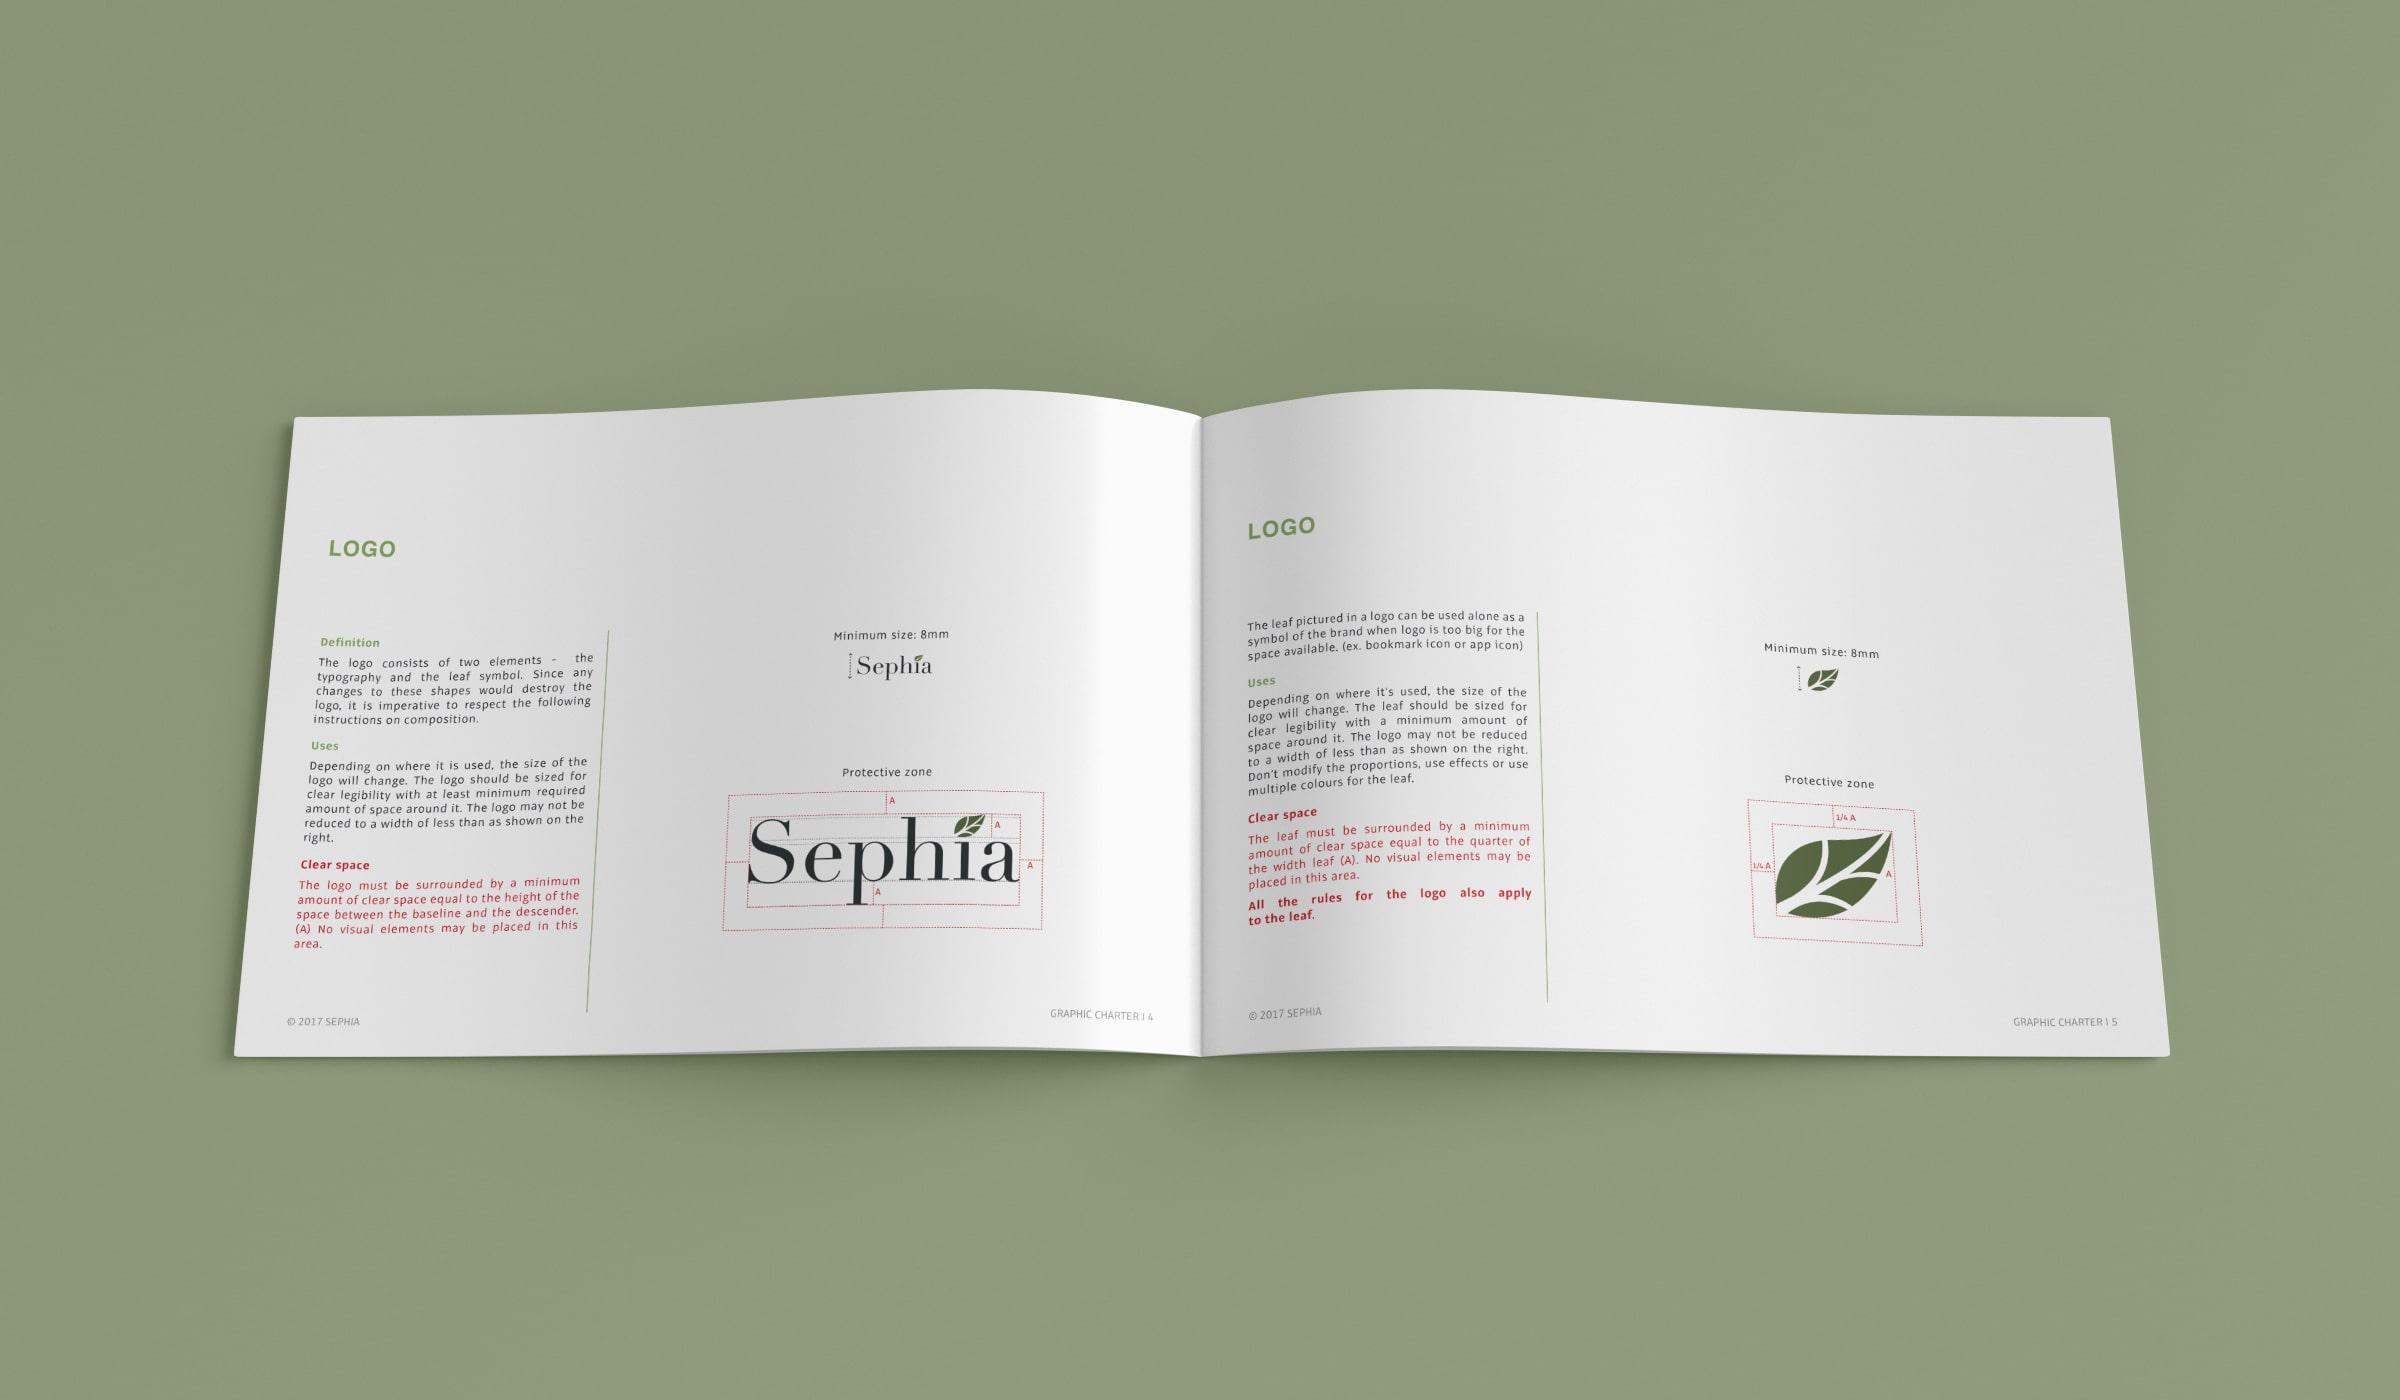 The-Sephia-Group-Brandbook-VJS-Agency-3-min.jpg